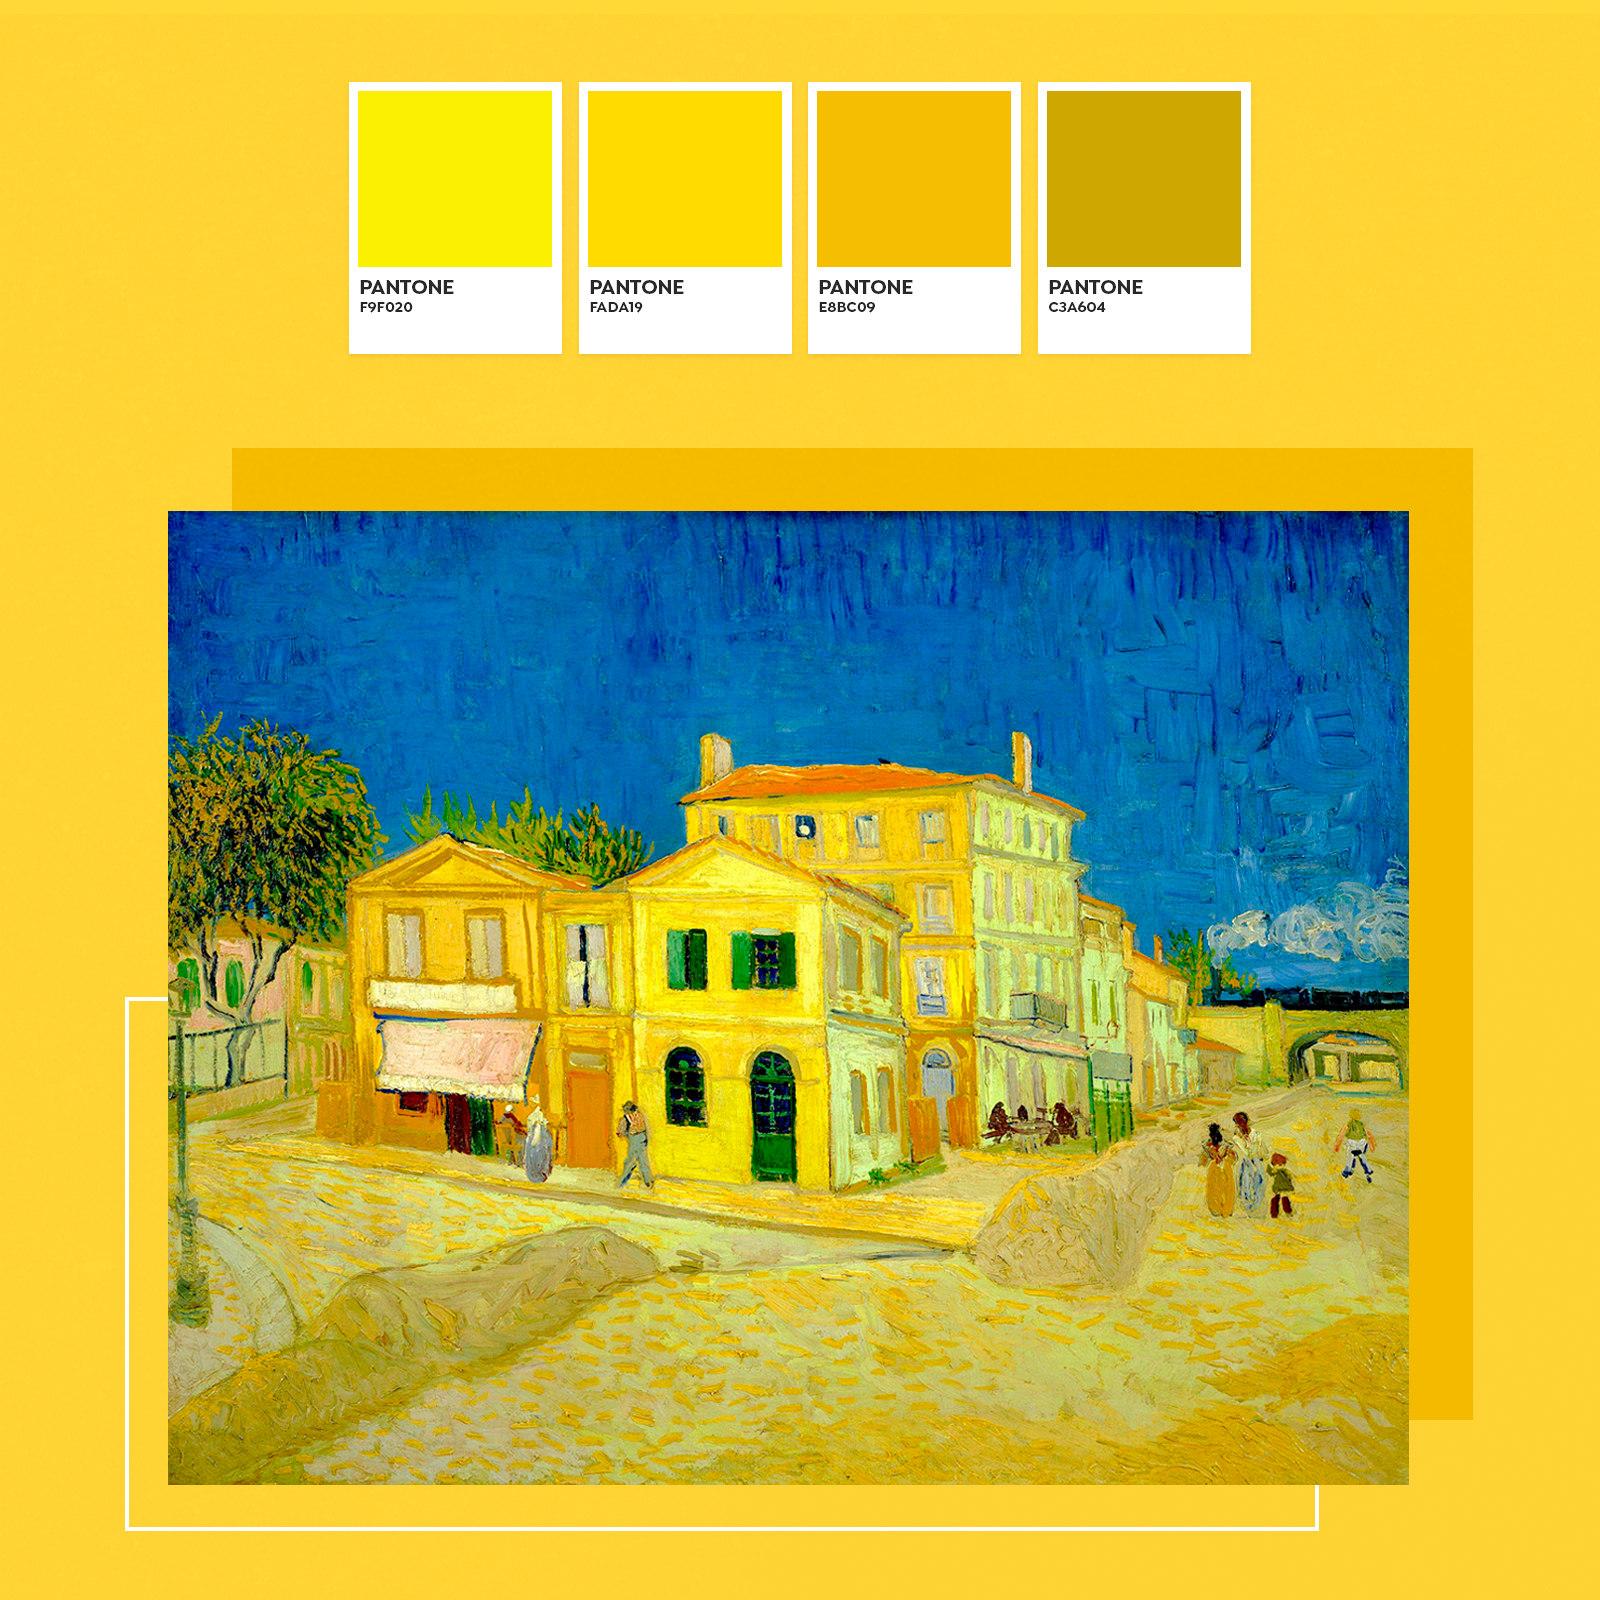 ¿Por qué Van Gogh pintaba tanto en amarillo?